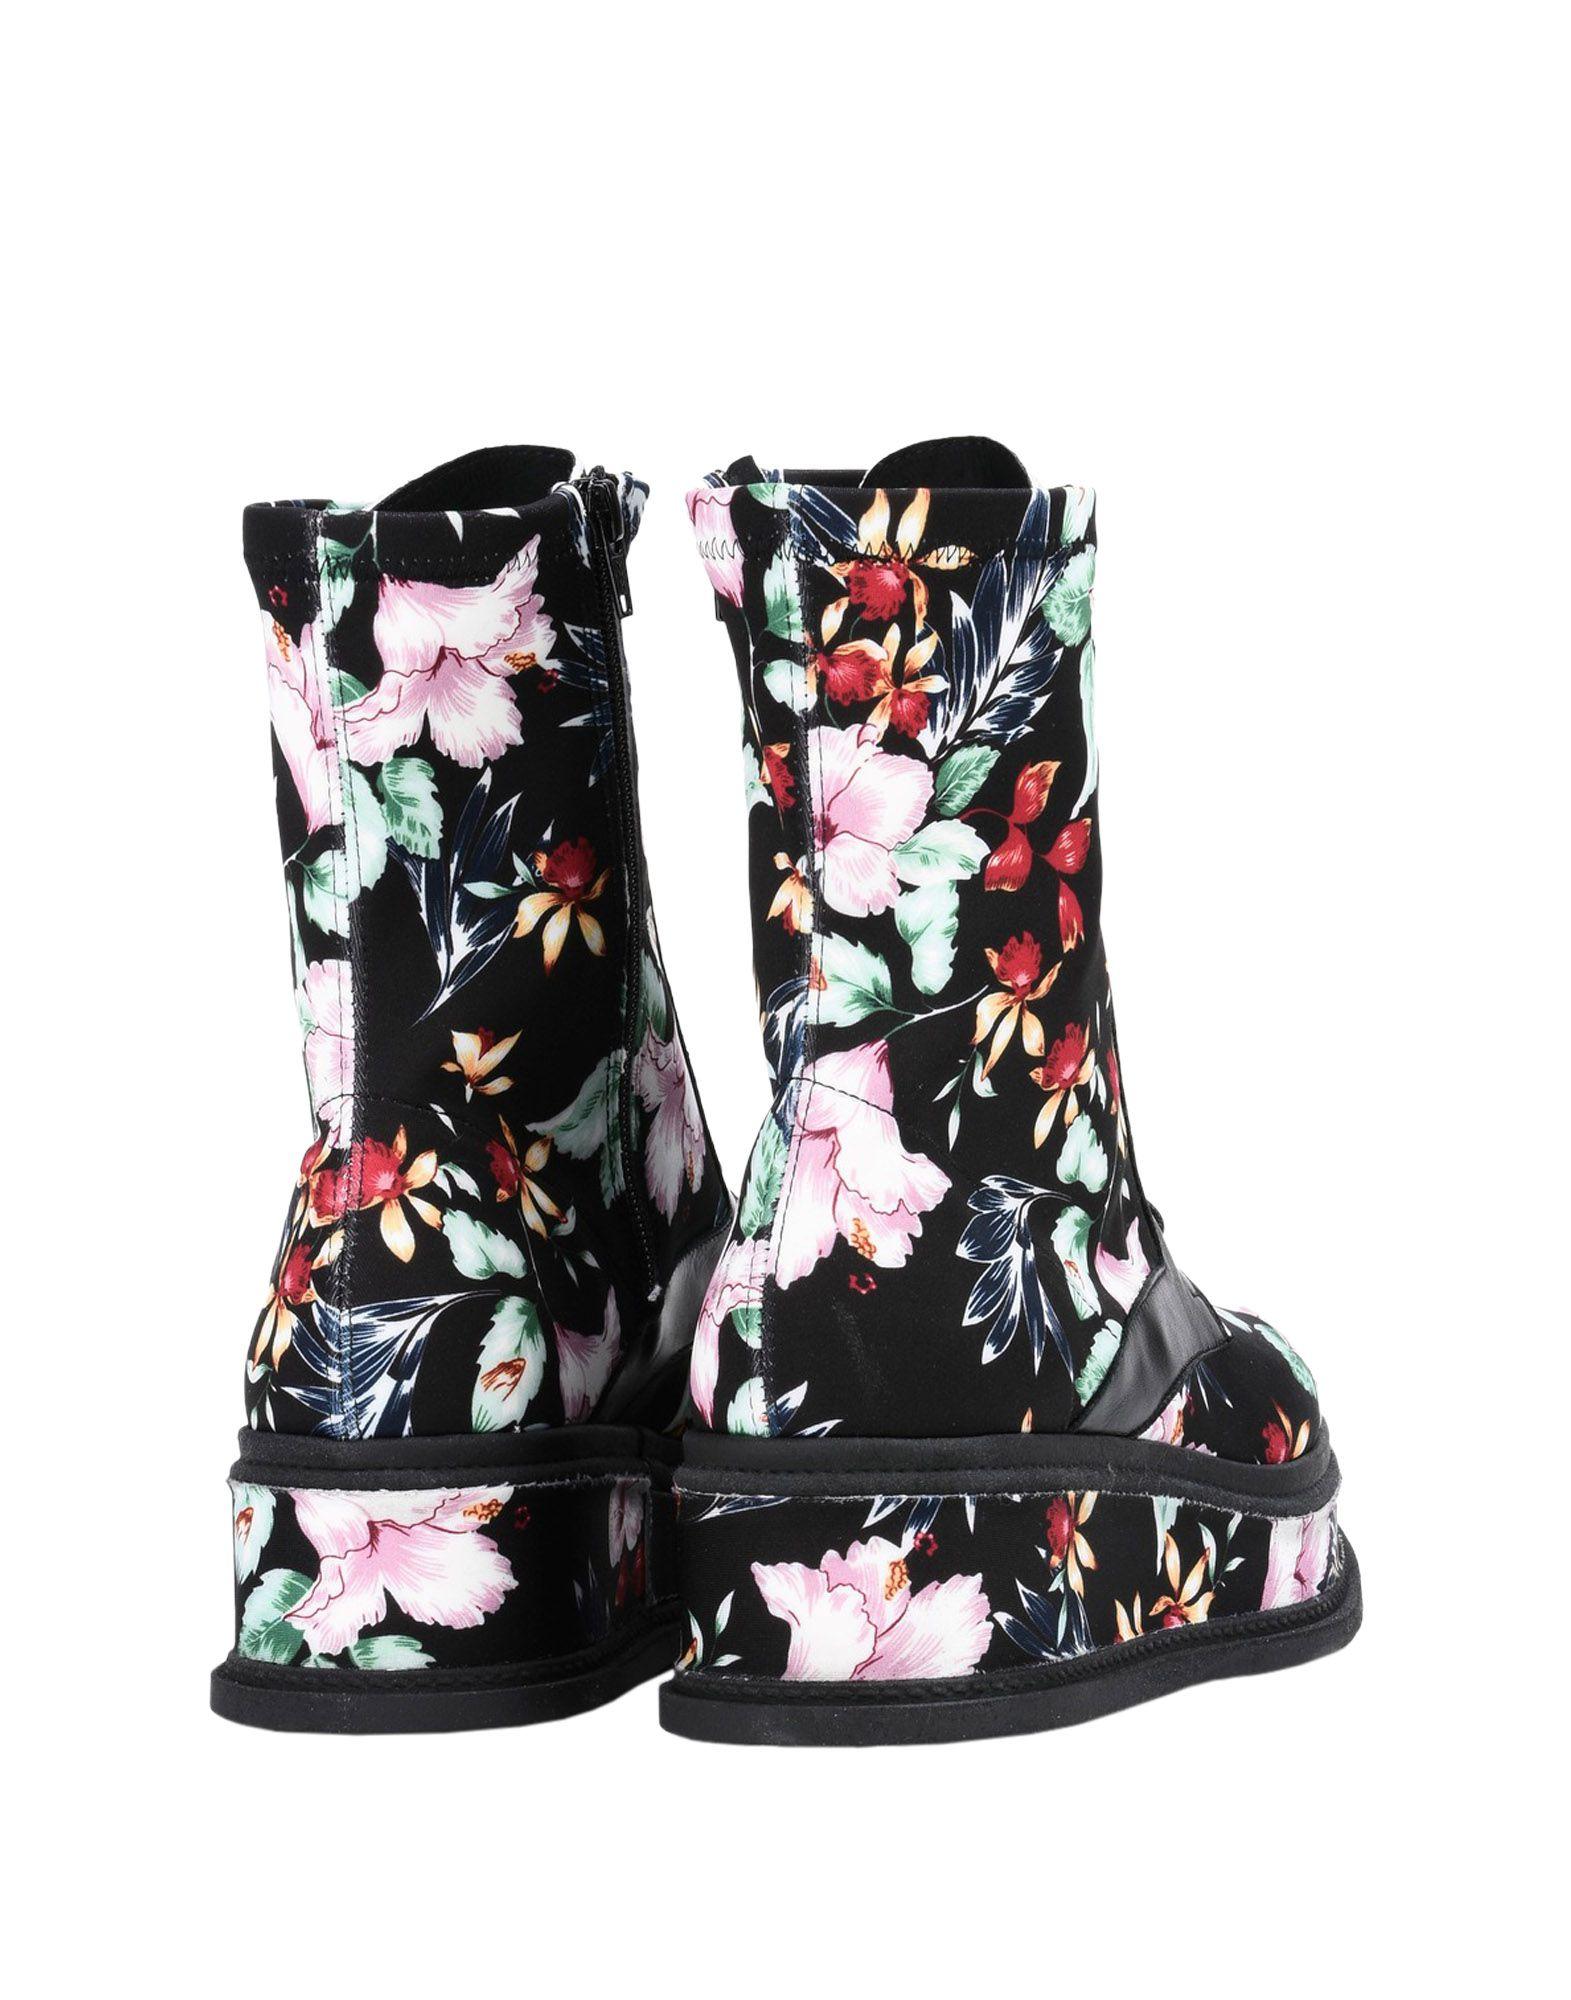 Pierre Darré Stiefelette Damen  11403999BE Gute Qualität beliebte Schuhe